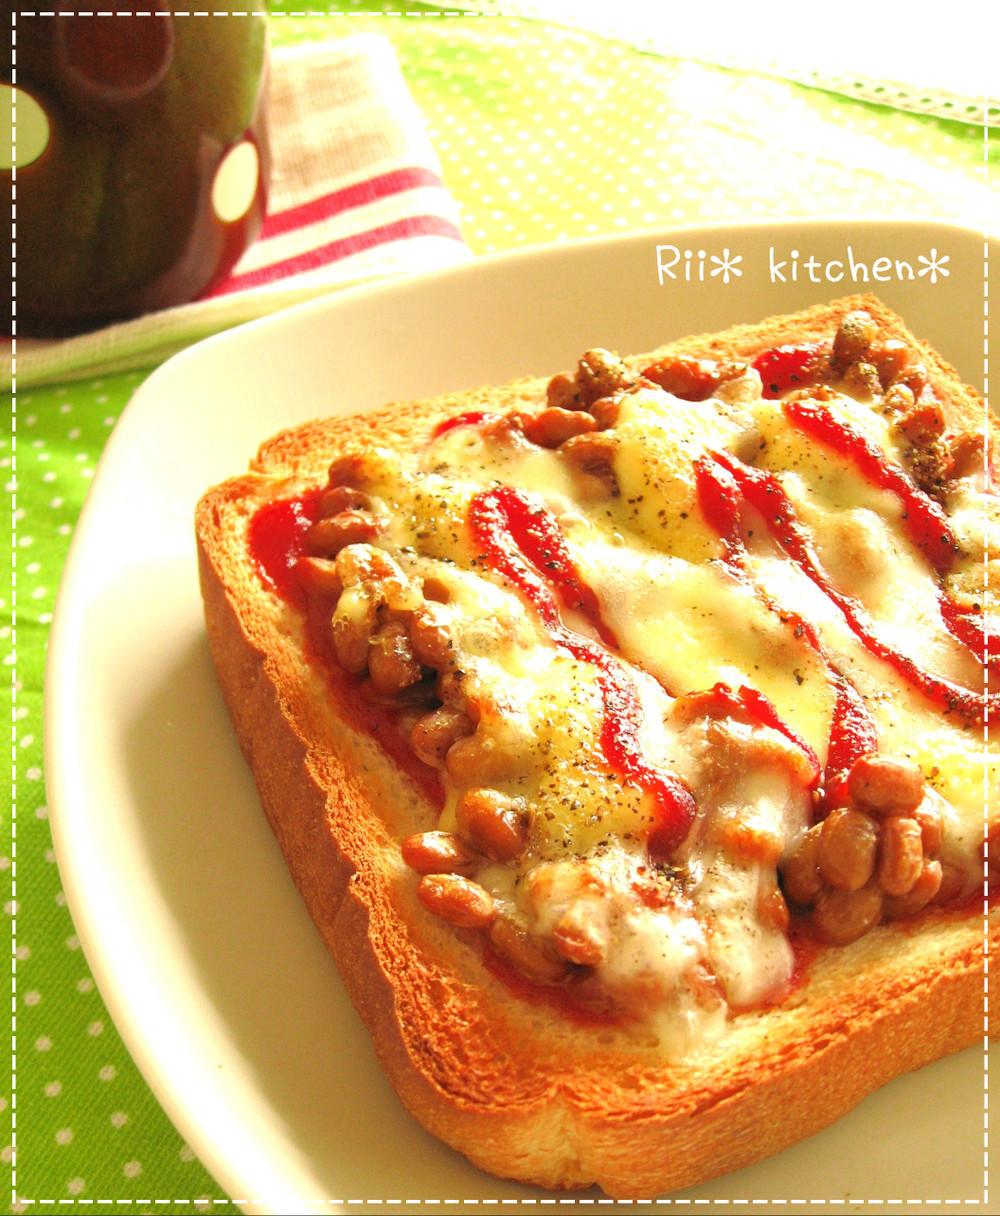 ケチャップ納豆トーストの画像